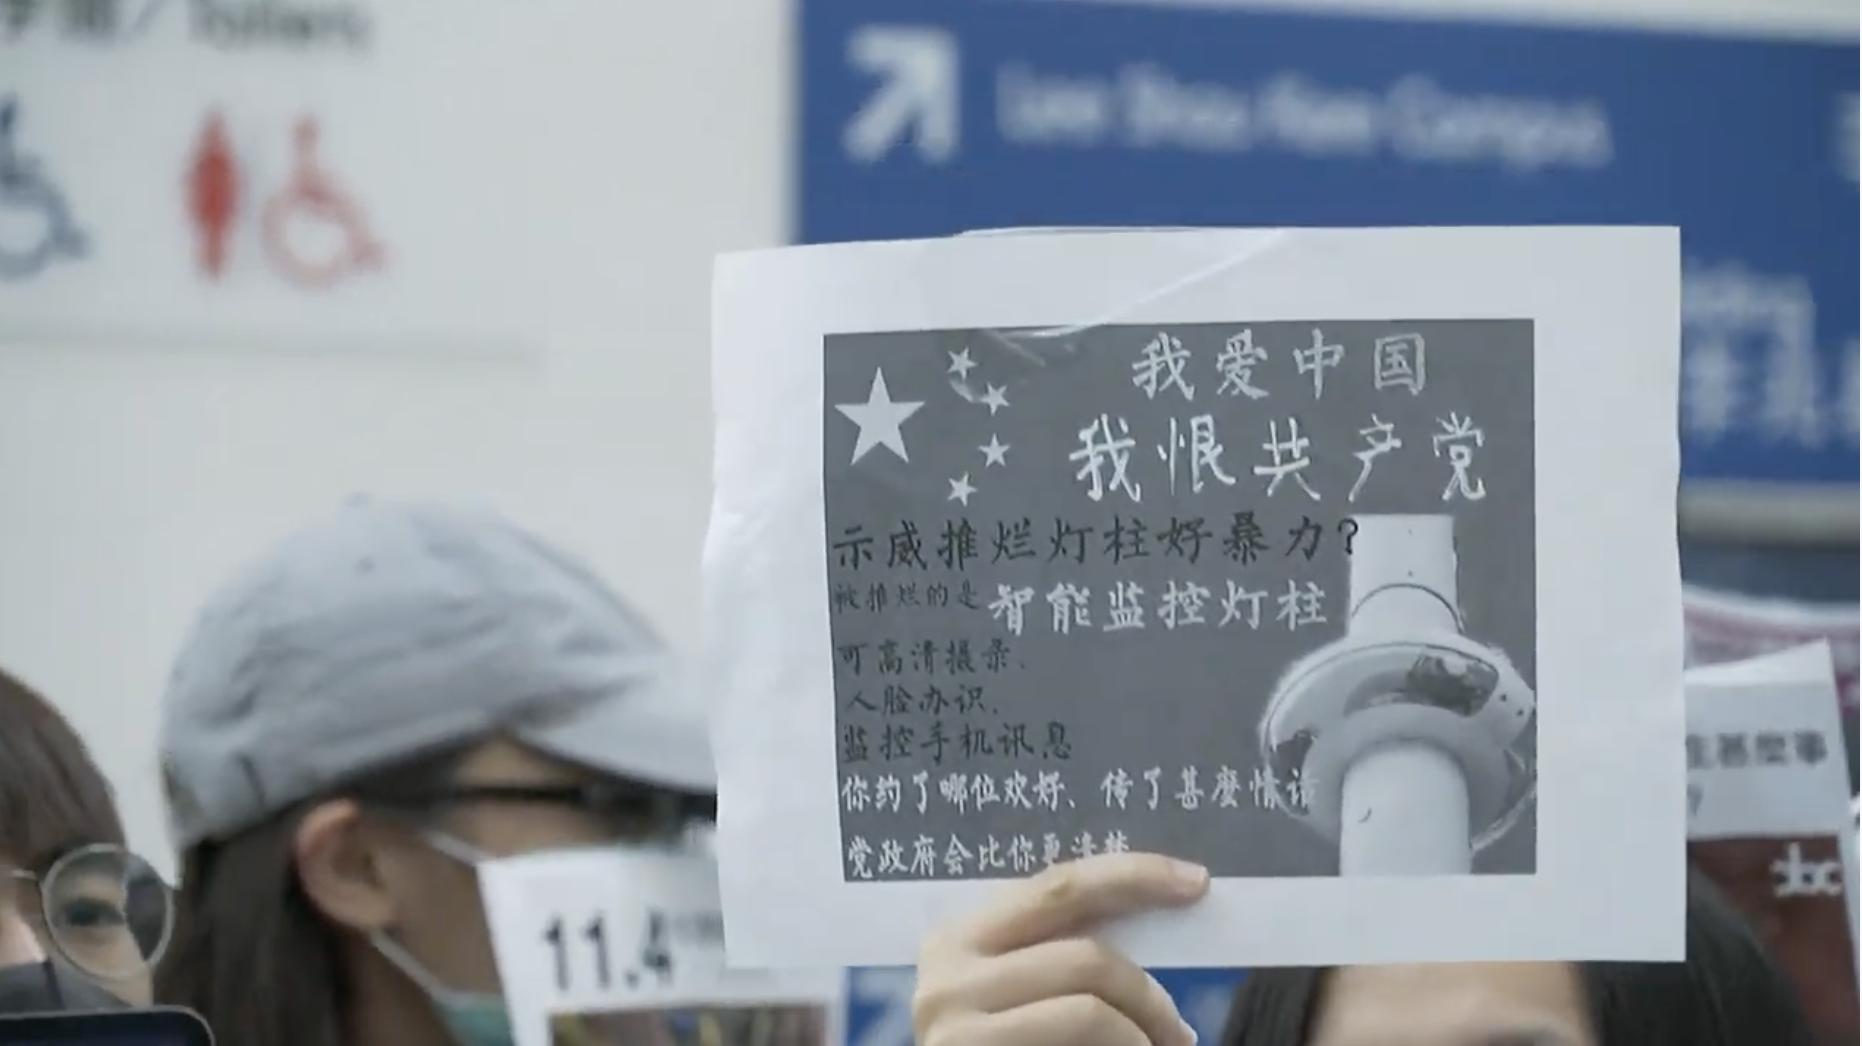 7日,科大畢業禮後,科大學生在校園內舉行集會,表達訴求。(視頻截圖)